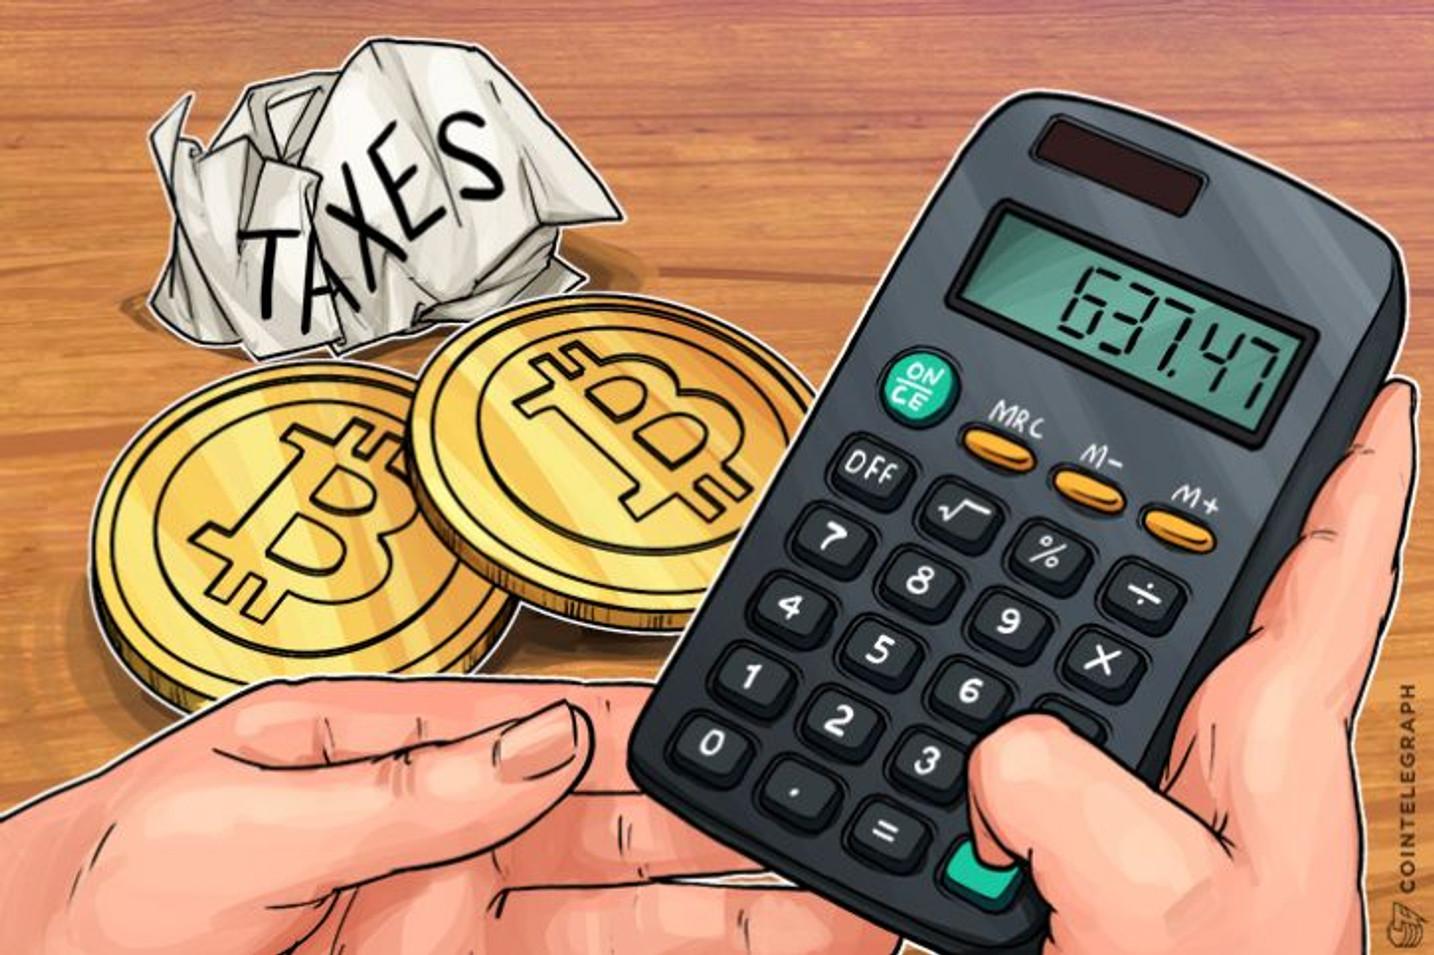 El recaudador de impuestos se avecina: Inversionistas norteamericanos y rusos enfrentan nuevos avisos de cobro